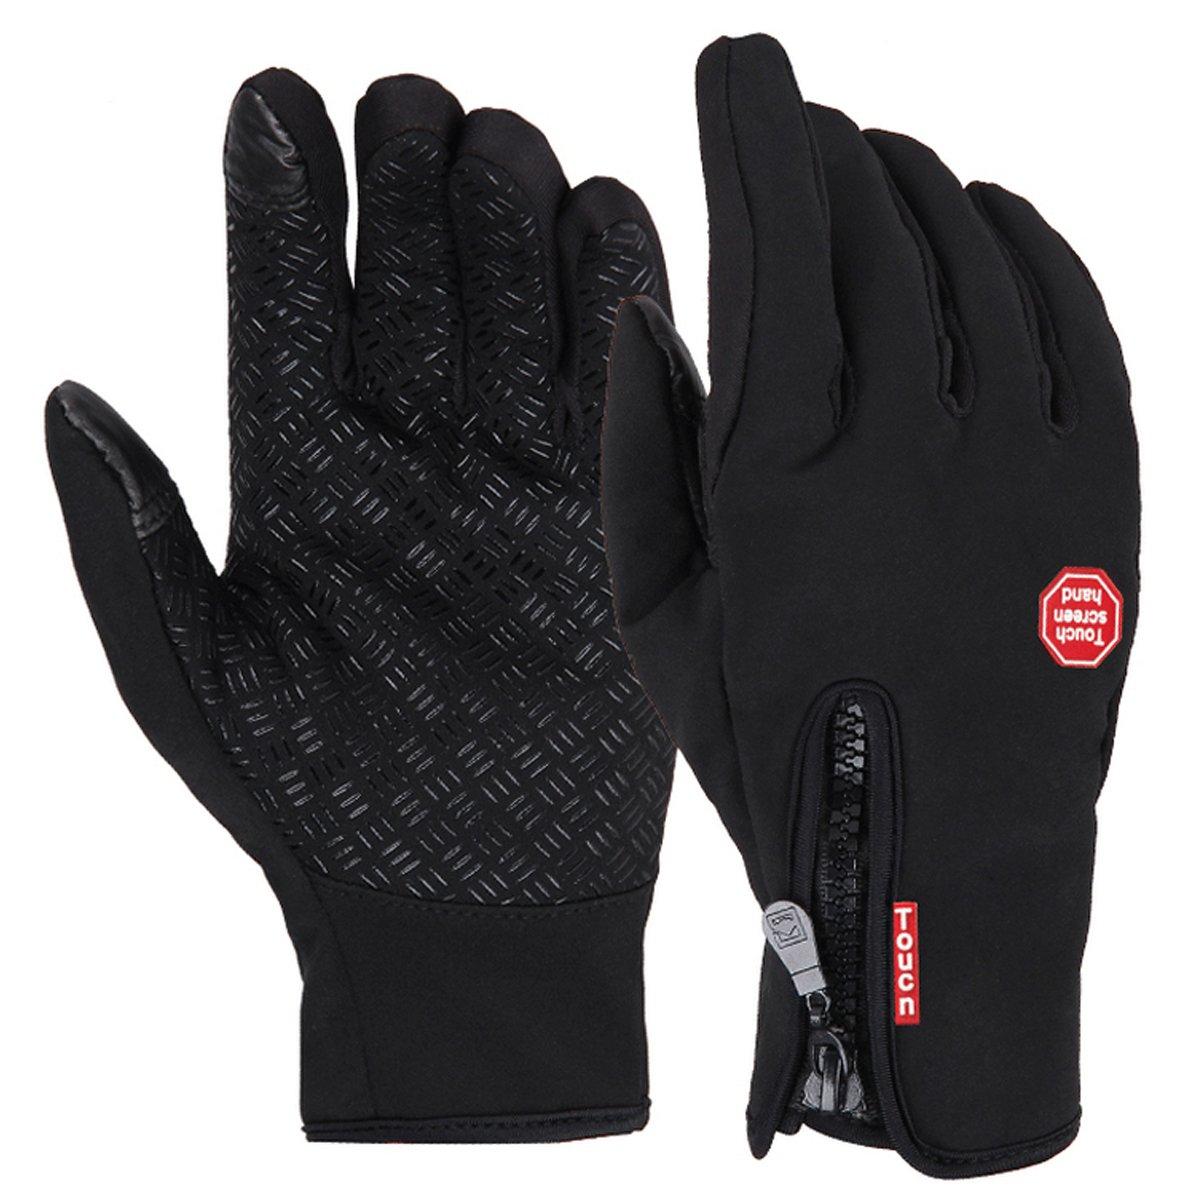 Adela Boutique メンズ レディース 防水&防風 スポーツ アウトドア タッチスクリーン 暖かい手袋 Large ブラック B07GVJG4P7